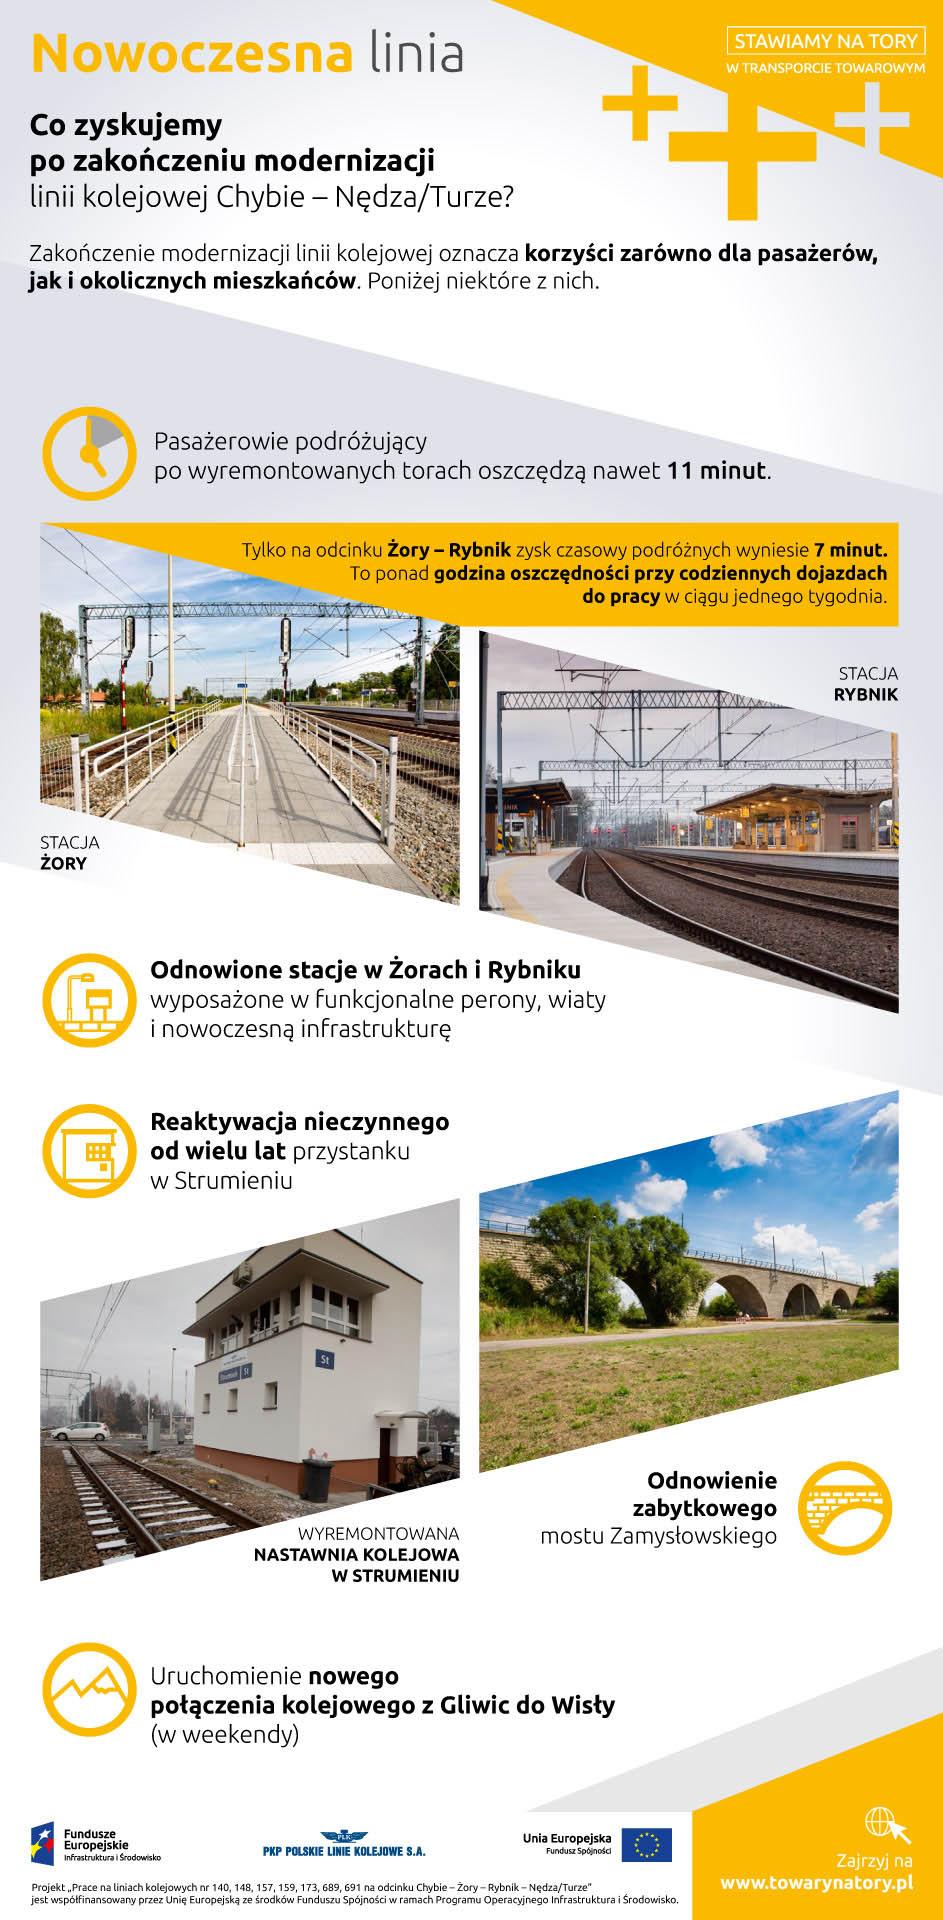 Infografika mówi o zyskach po zakończeniu modernizacji linii kolejowej Chybie Nędza Turze. Na przykład odnowione stacje w Żorach i Rybniku - wyposażone w funkcjonalne perony, wiaty i nowoczesna infrastrukturę. Reaktywacja nieczynnego od wielu lat przystanku w Strumieniu. Odnowienie zabytkowego mostu Zamysłowskiego.